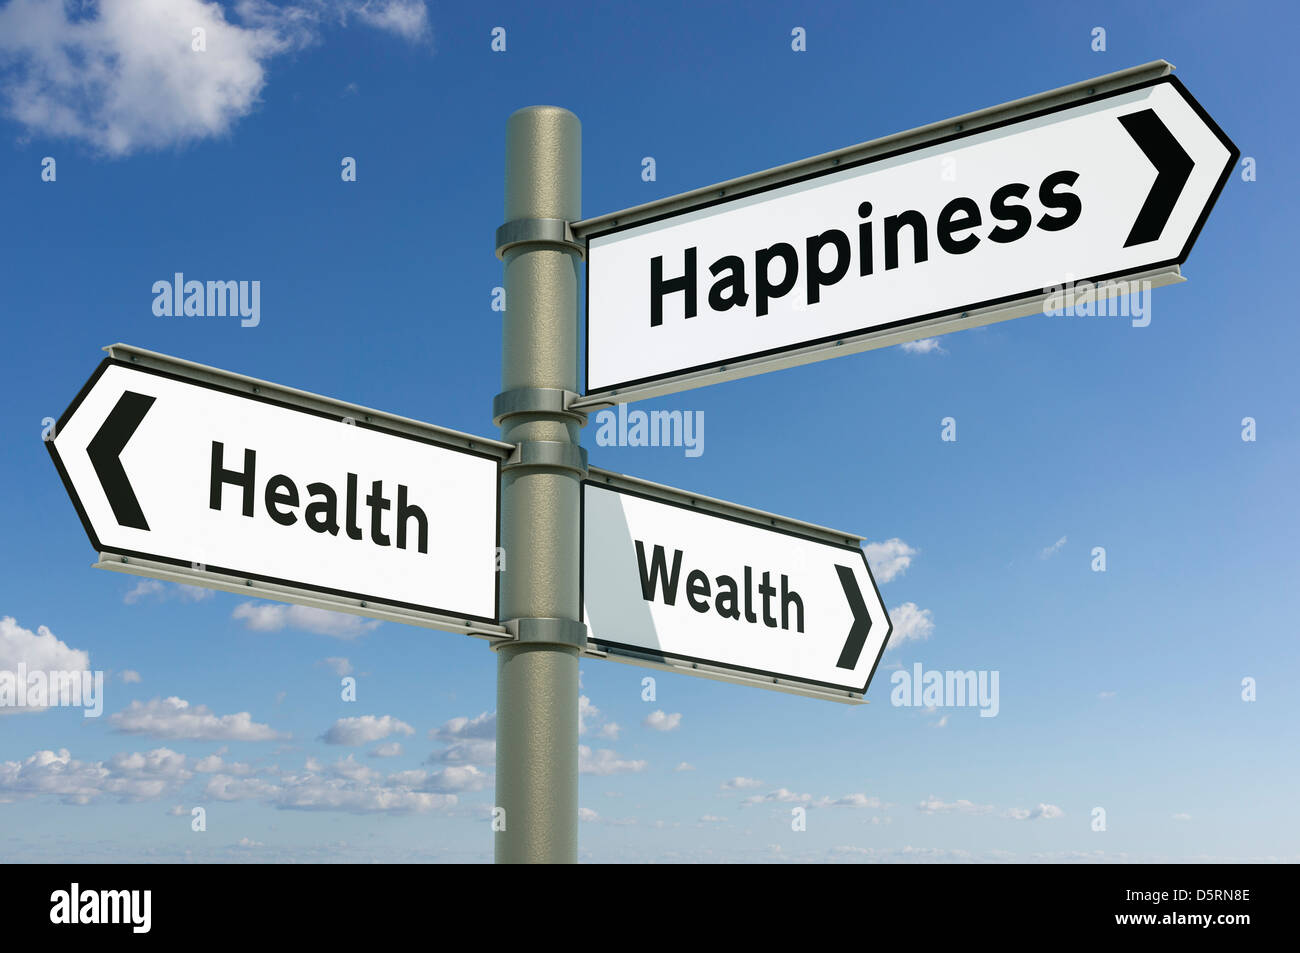 La santé, la richesse, le bonheur - décisions future orientation choix concept Photo Stock